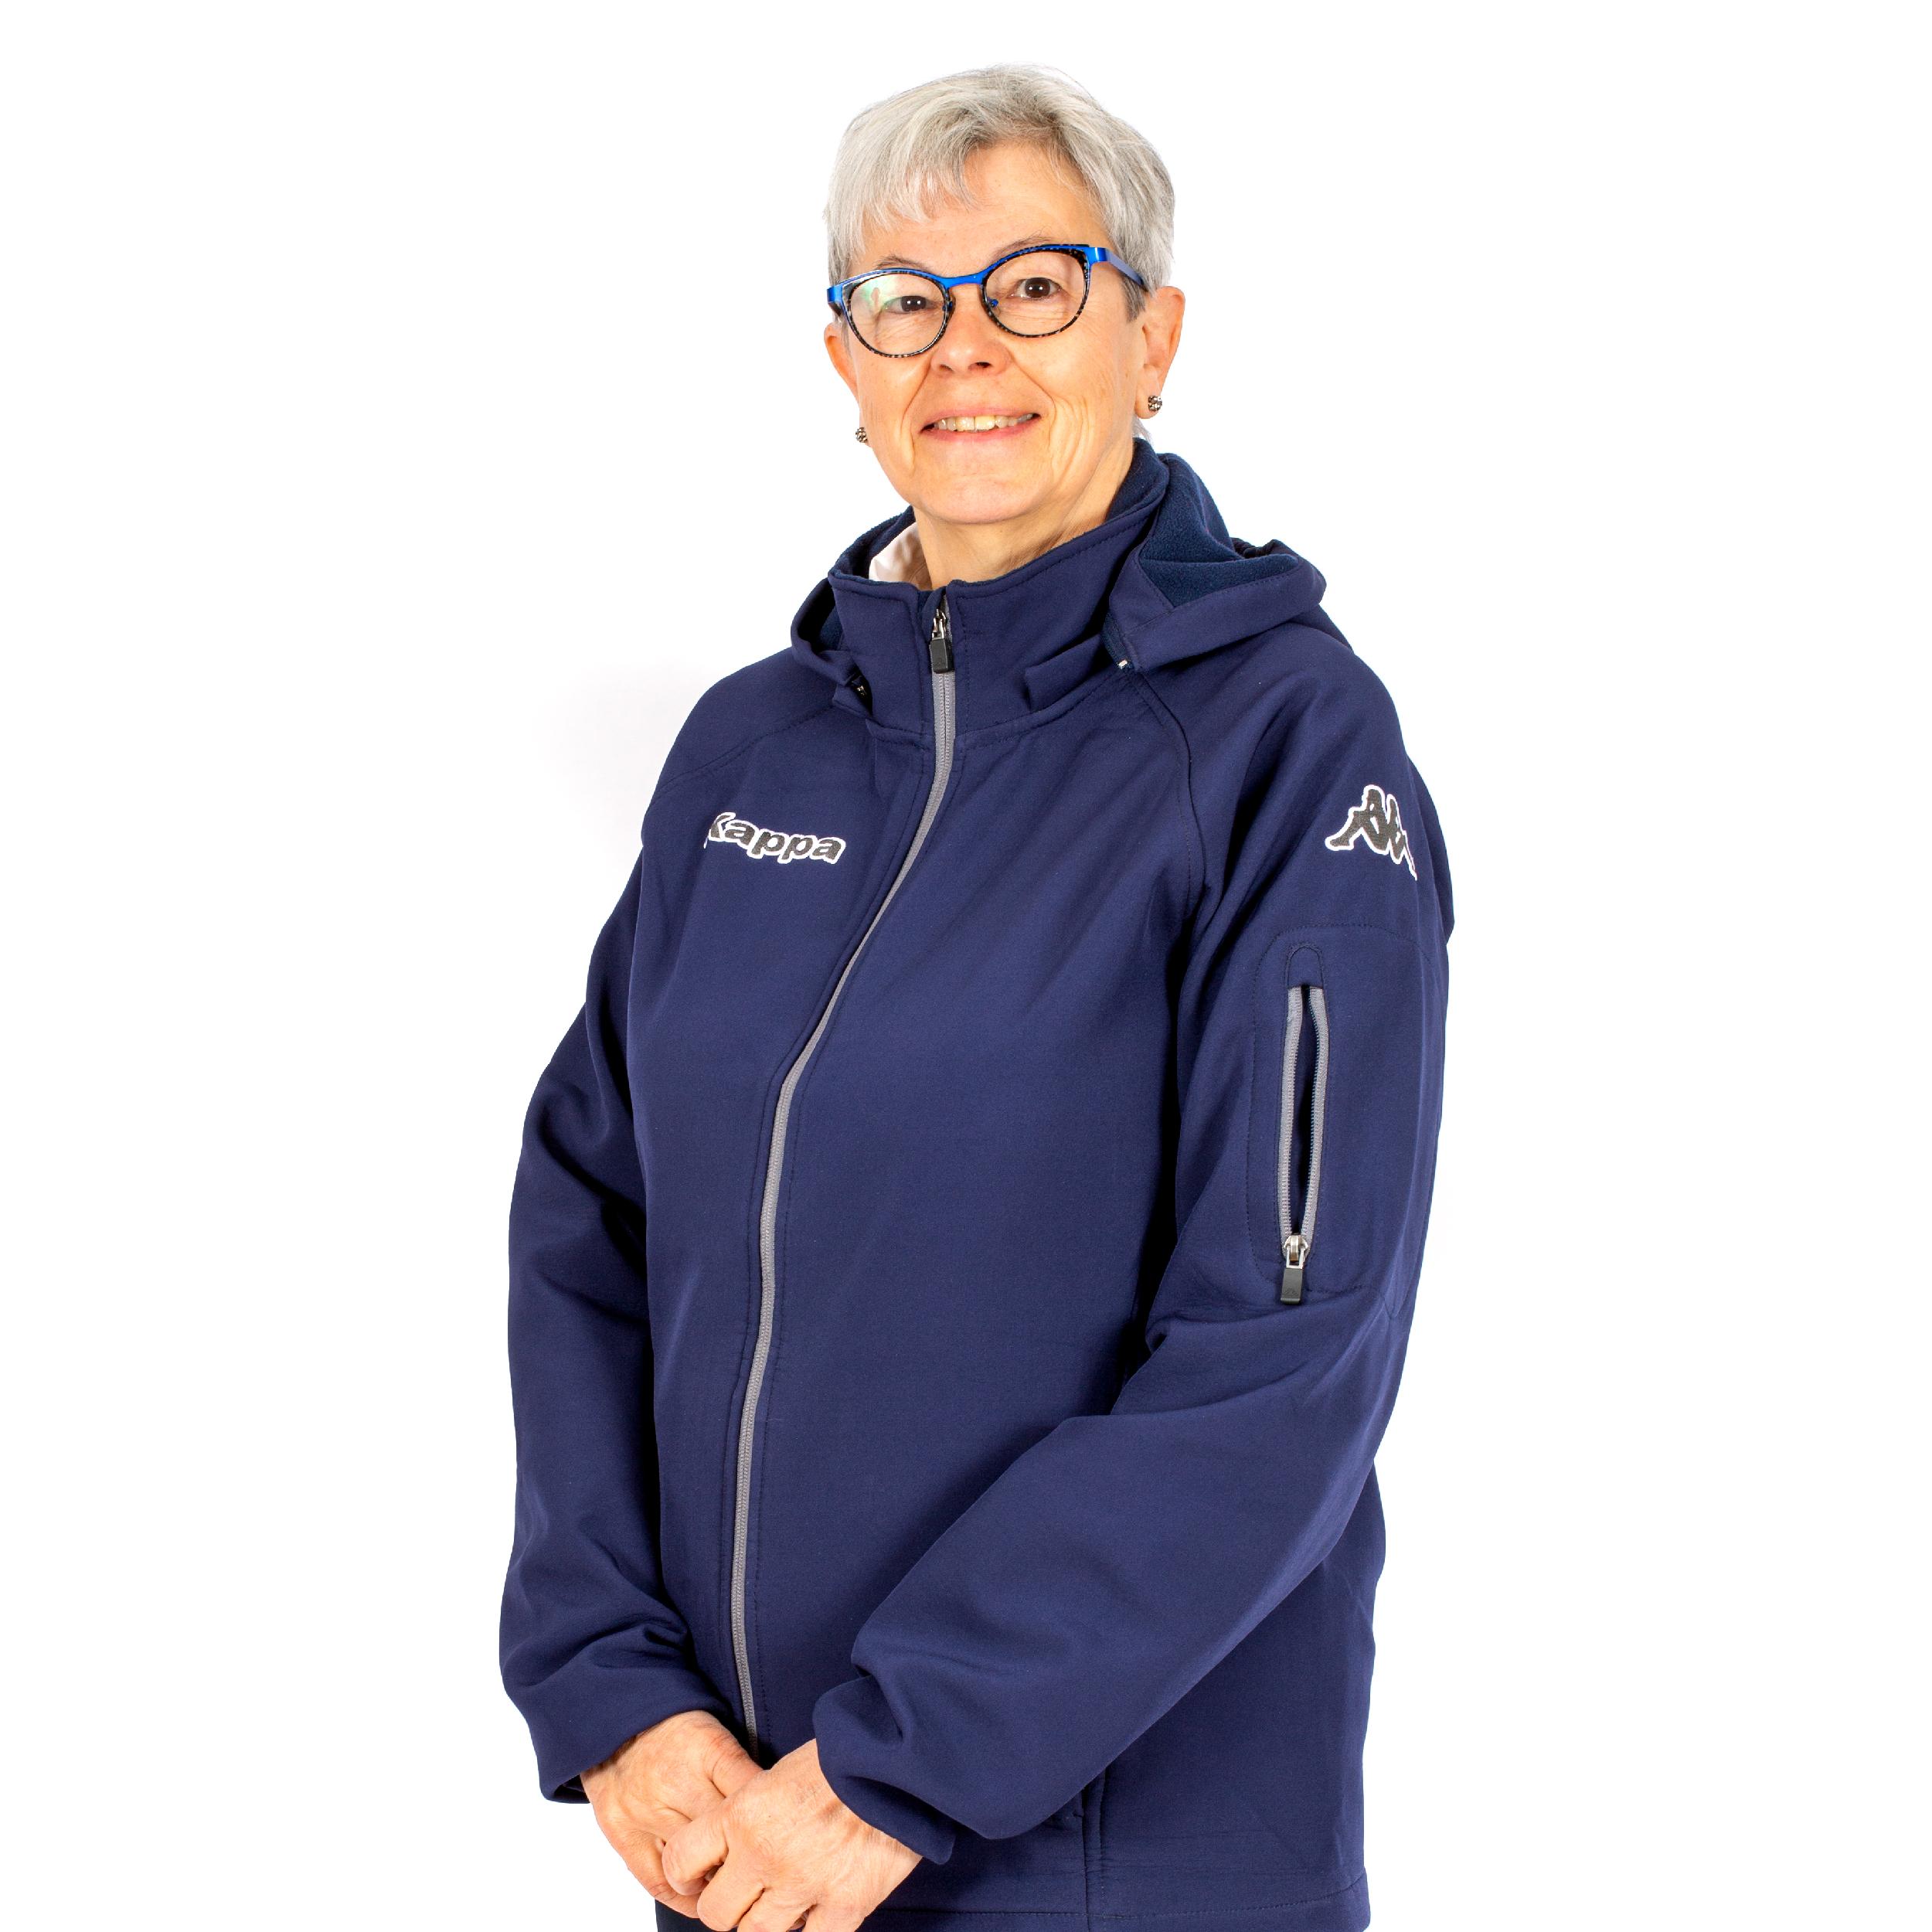 Monique Krier